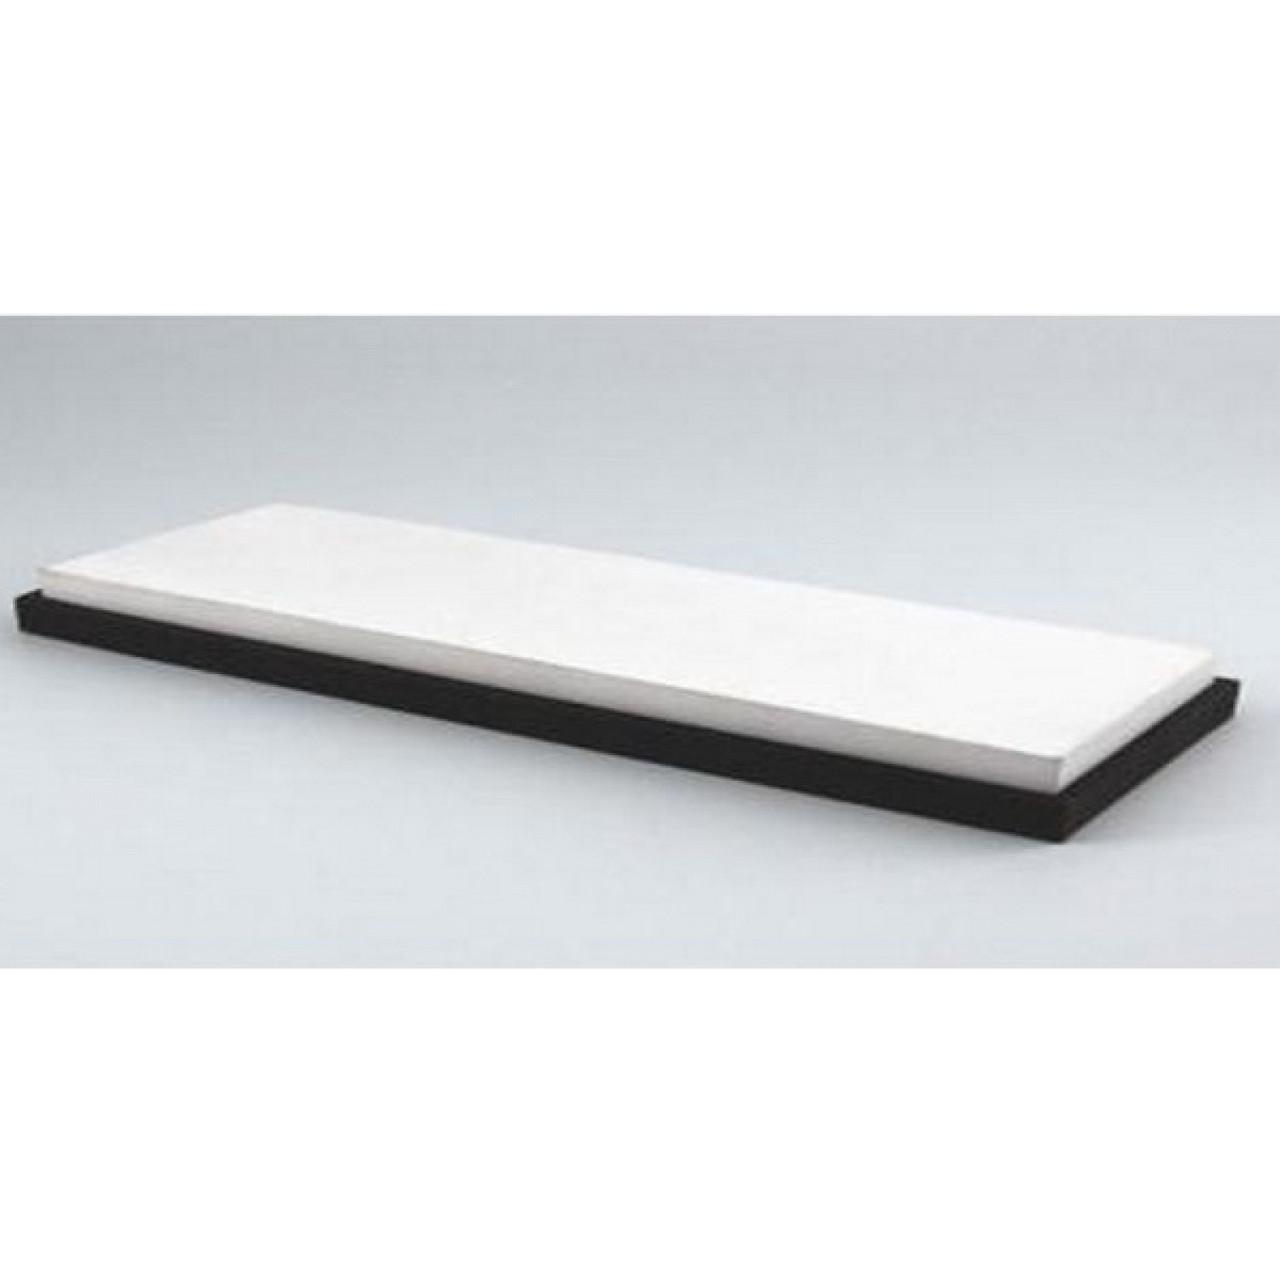 Камни точильные для ножей 1500,2000,3000 грит - фото 2